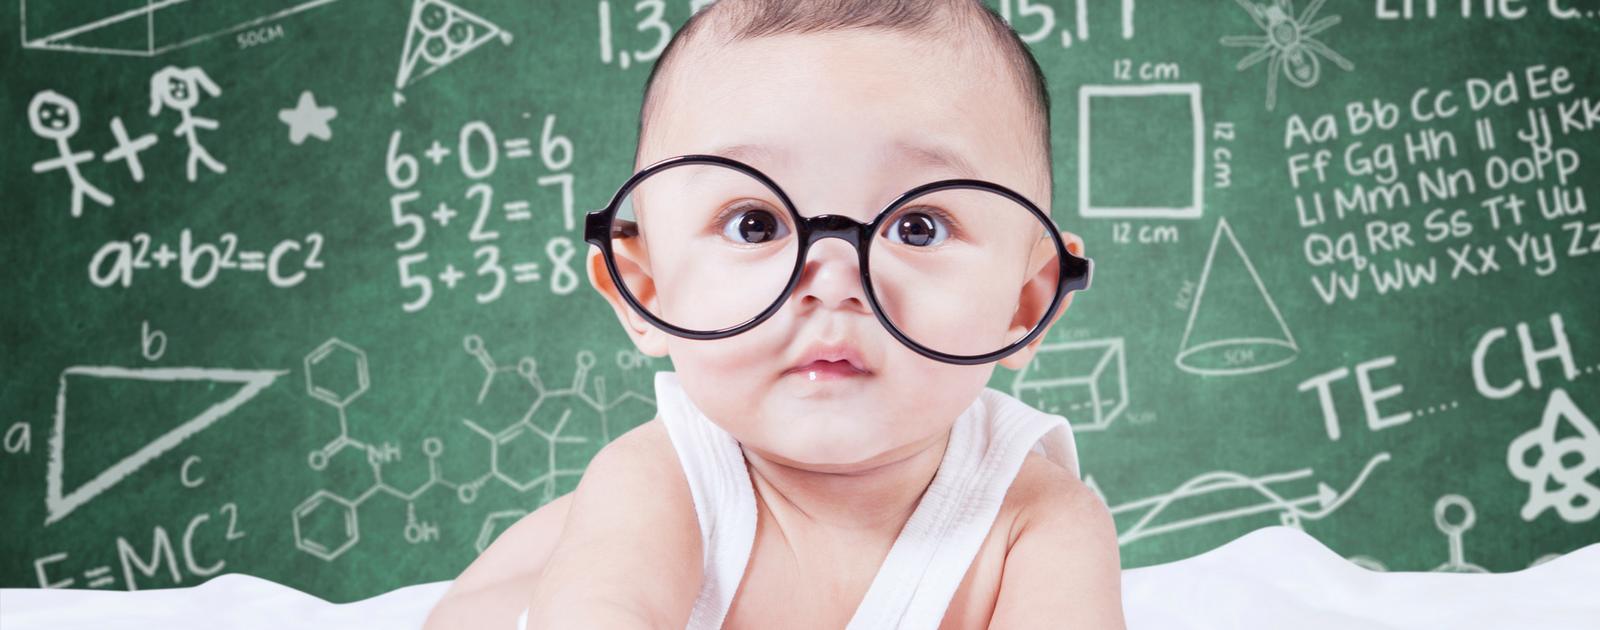 Bébé est un génie #1